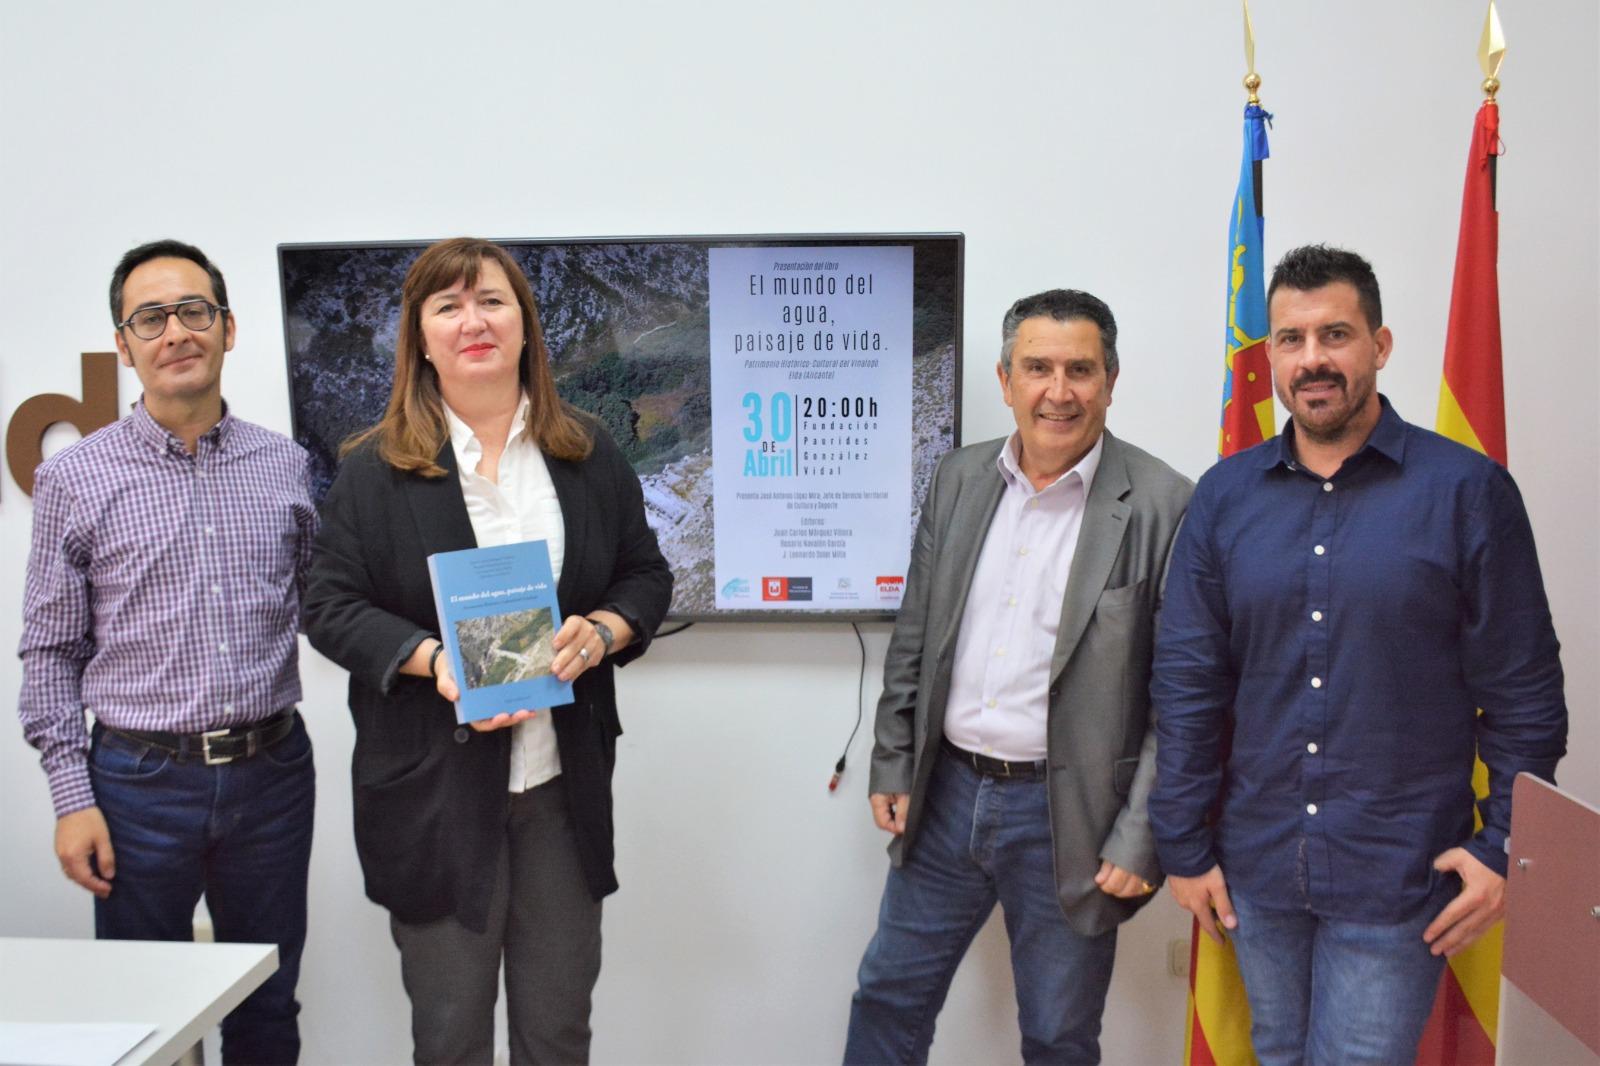 El Ayuntamiento recoge en un libro las conferencias del I Congreso de Patrimonio Histórico-Cultural del Vinalopó sobre el agua